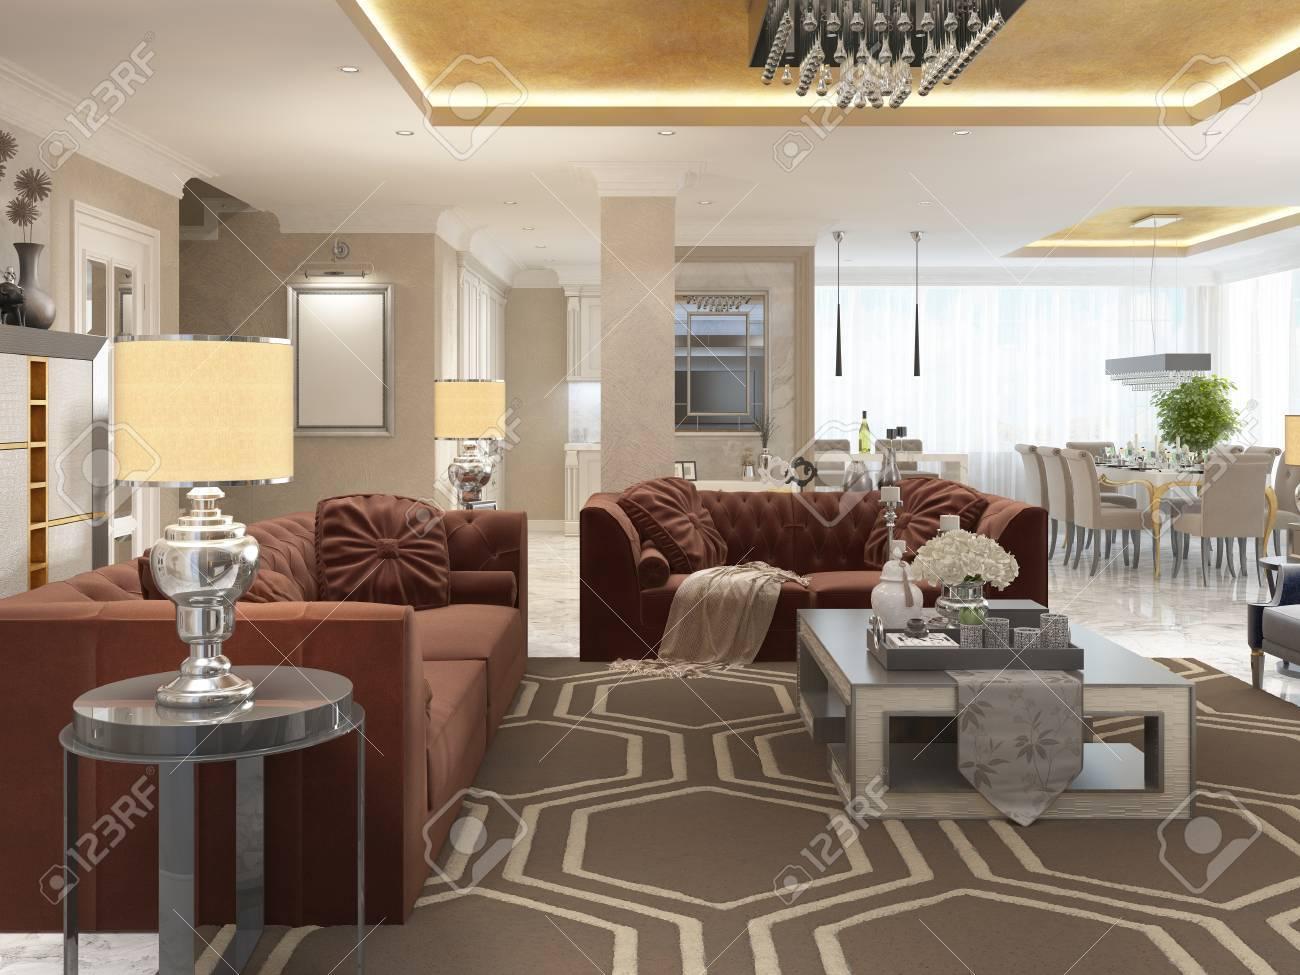 Luxus designer wohnung studio in der kunst deco stil. wohnbereich